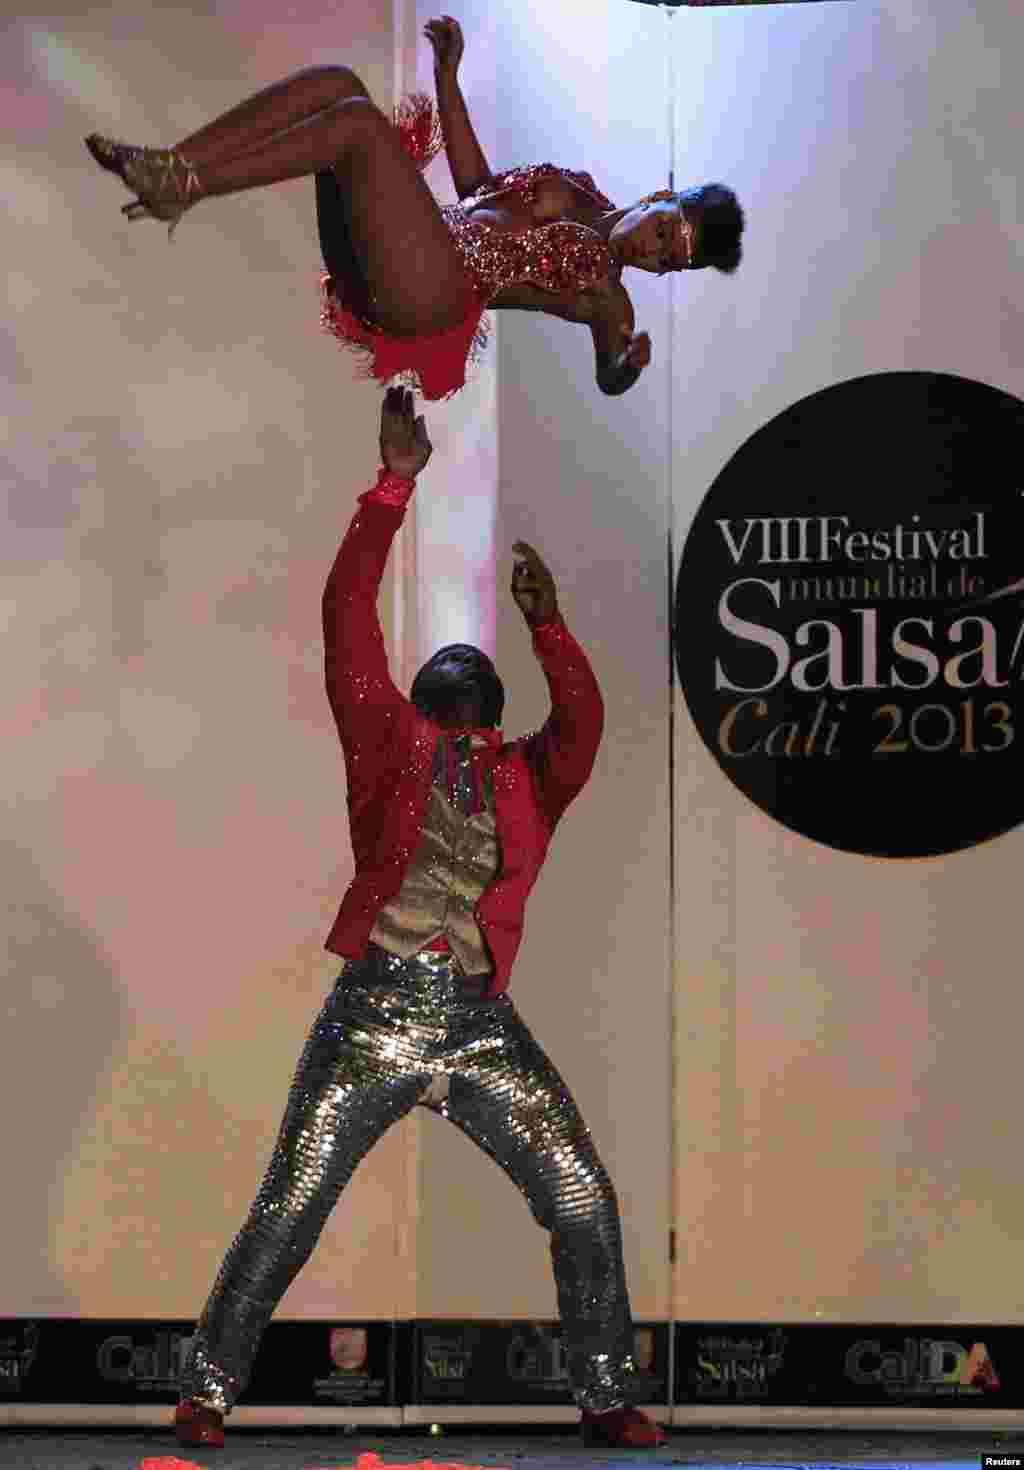 11일 콜롬비아 칼리 시에서 제 8회 세계살사축제가 열렸다.